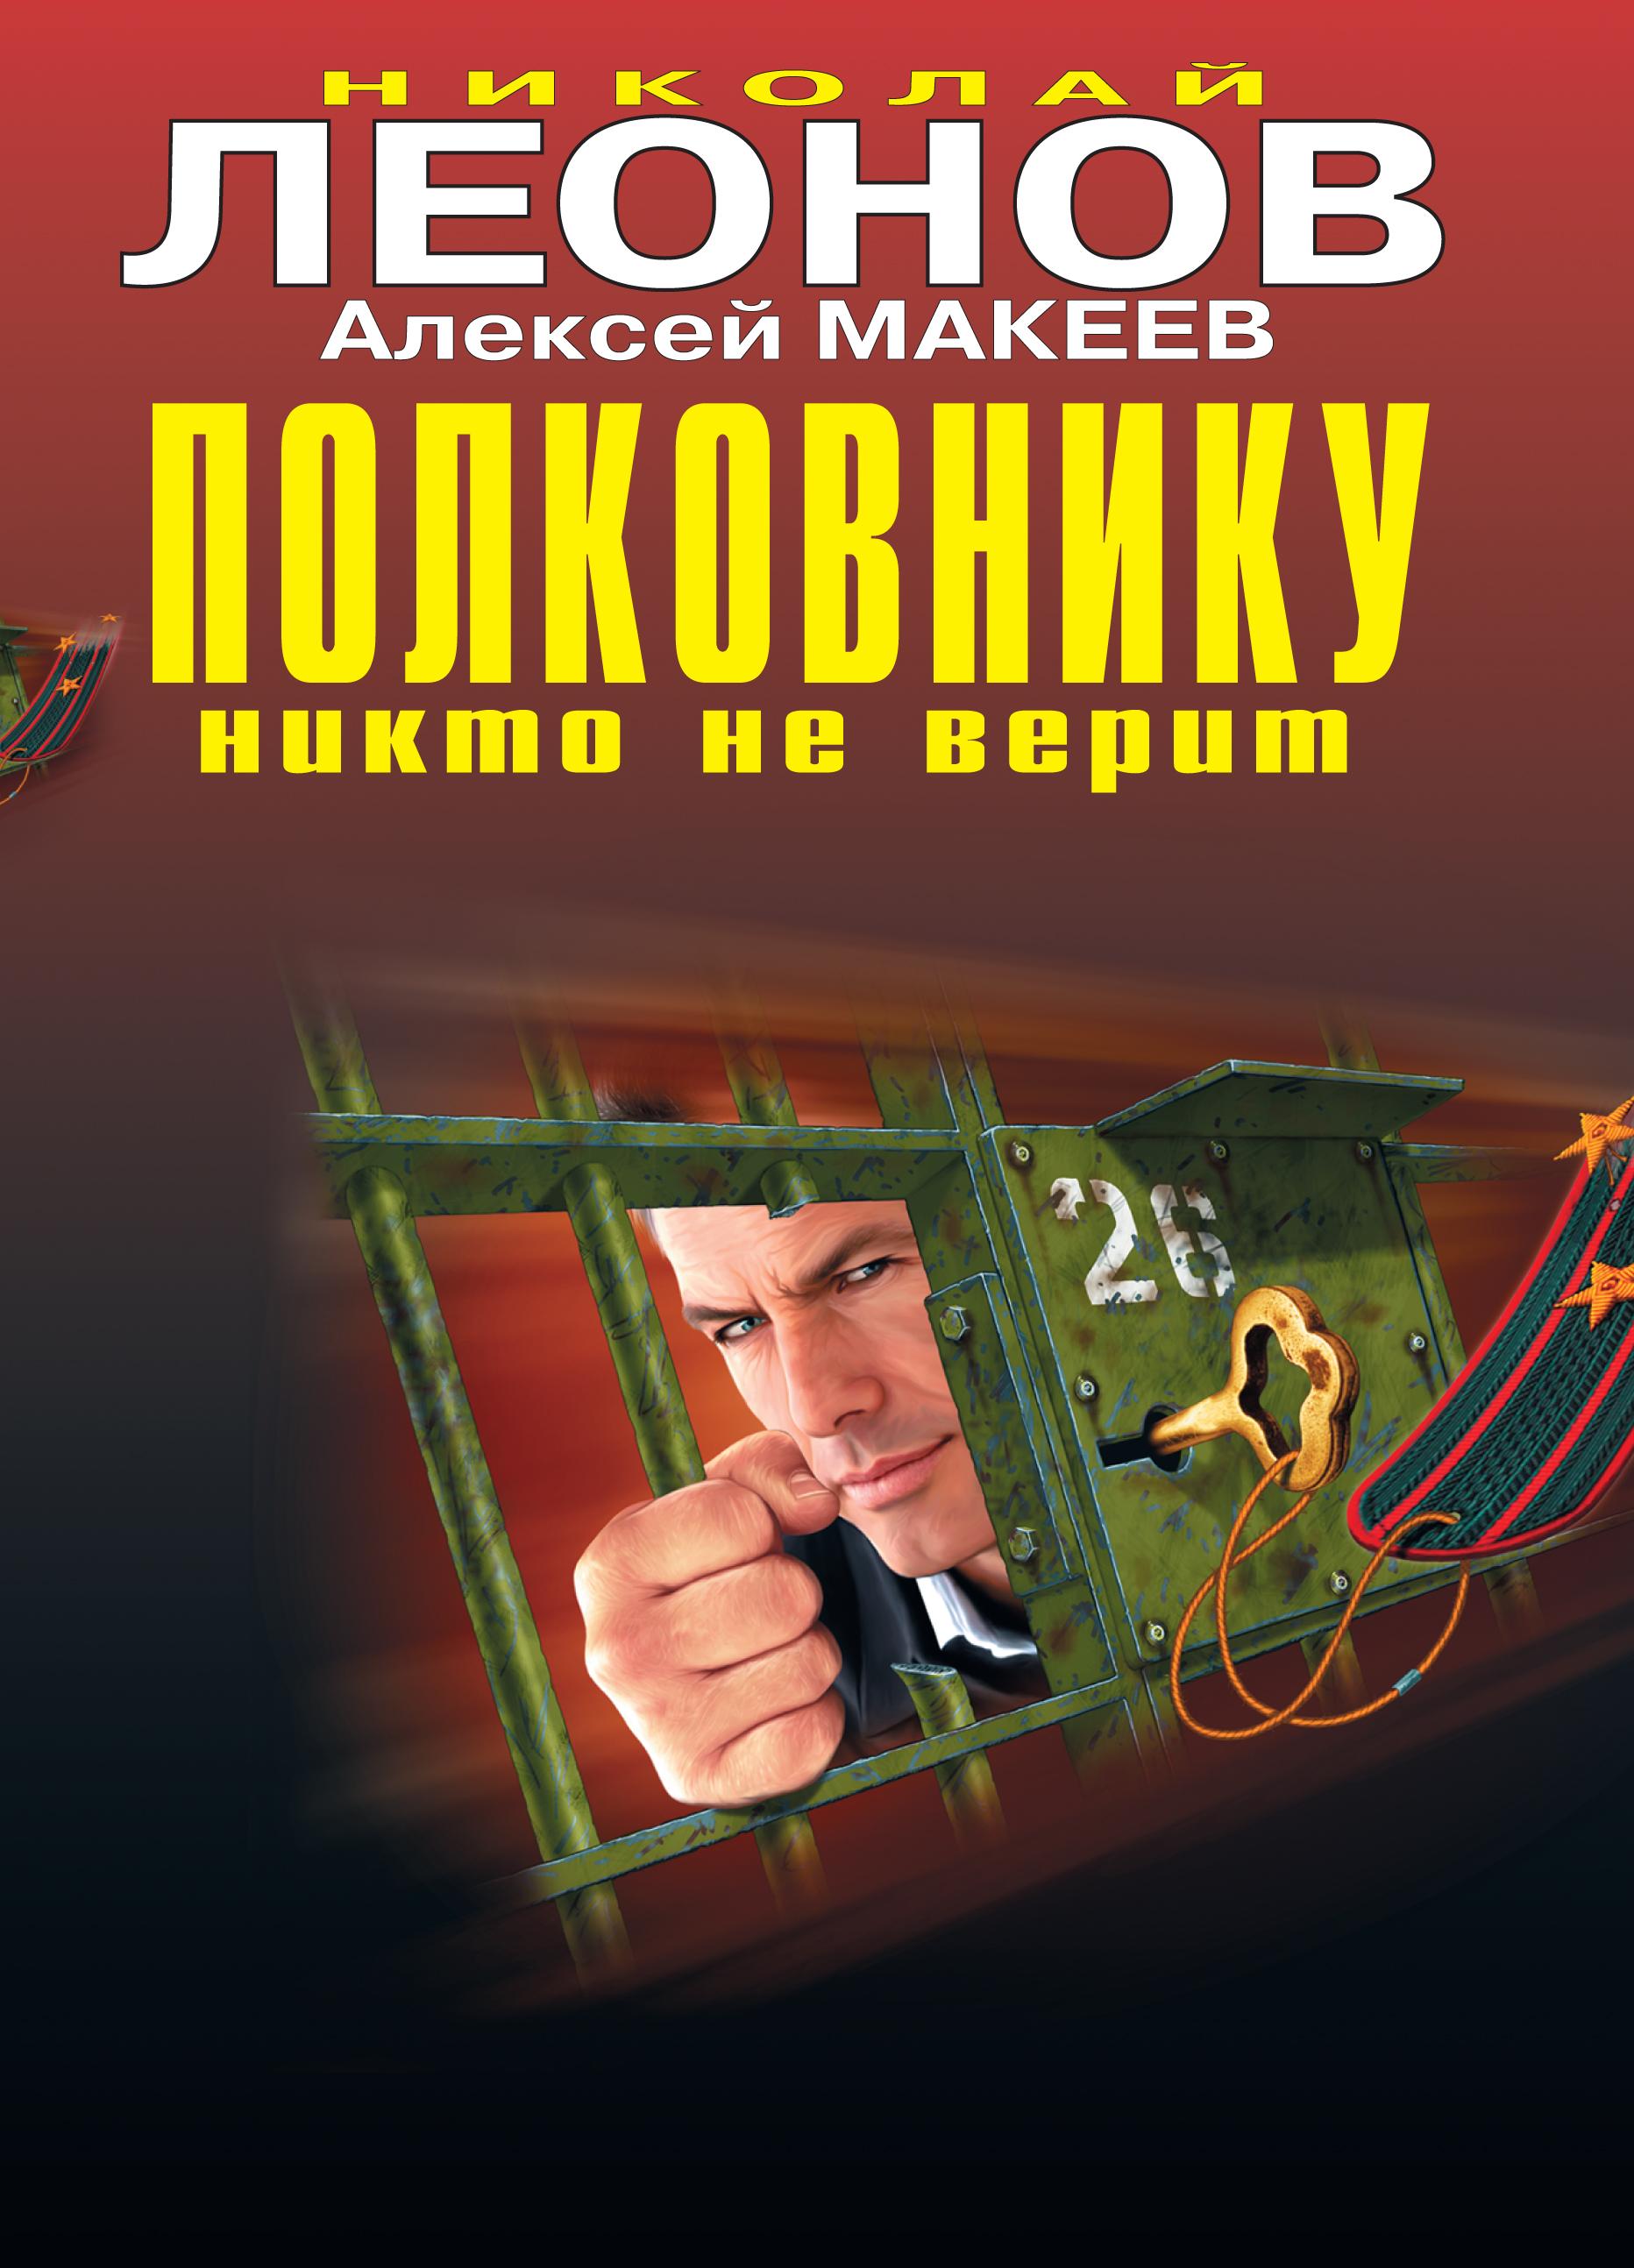 Николай Леонов Одержимый николай леонов итальянский синдром